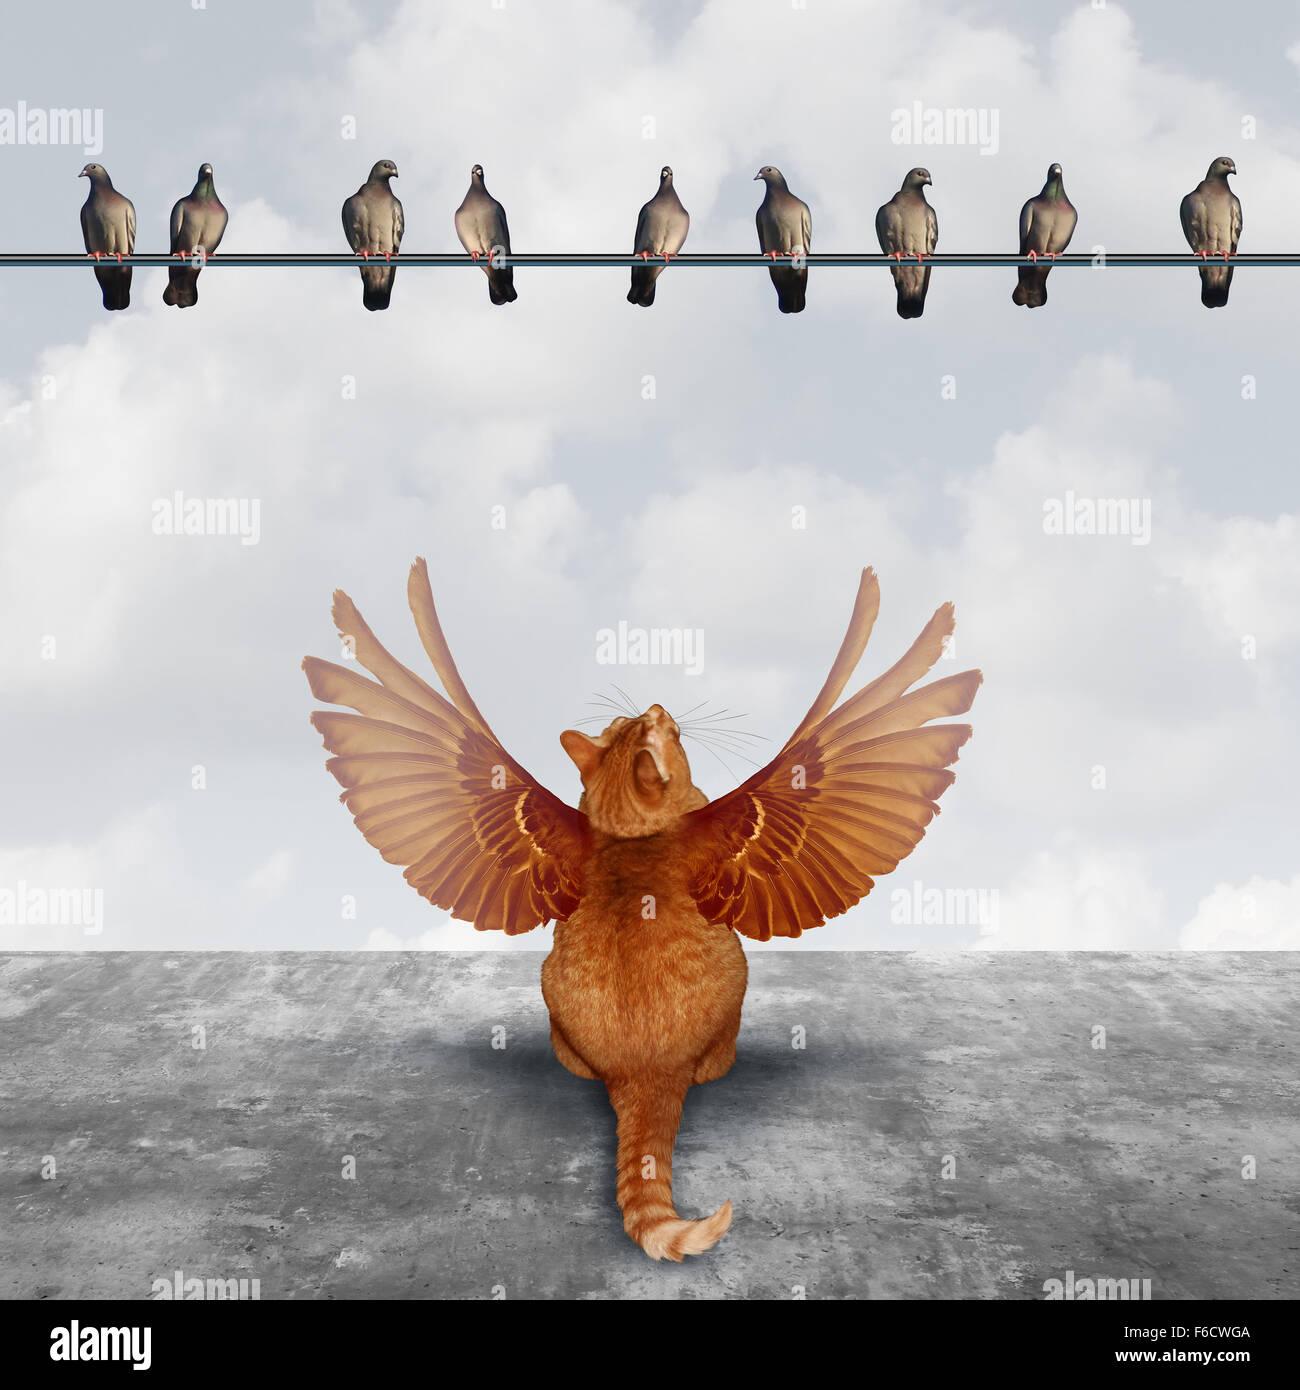 La motivación y la imaginación como un ambicioso concepto cat con alas imaginarias, mirando hacia un grupo Imagen De Stock